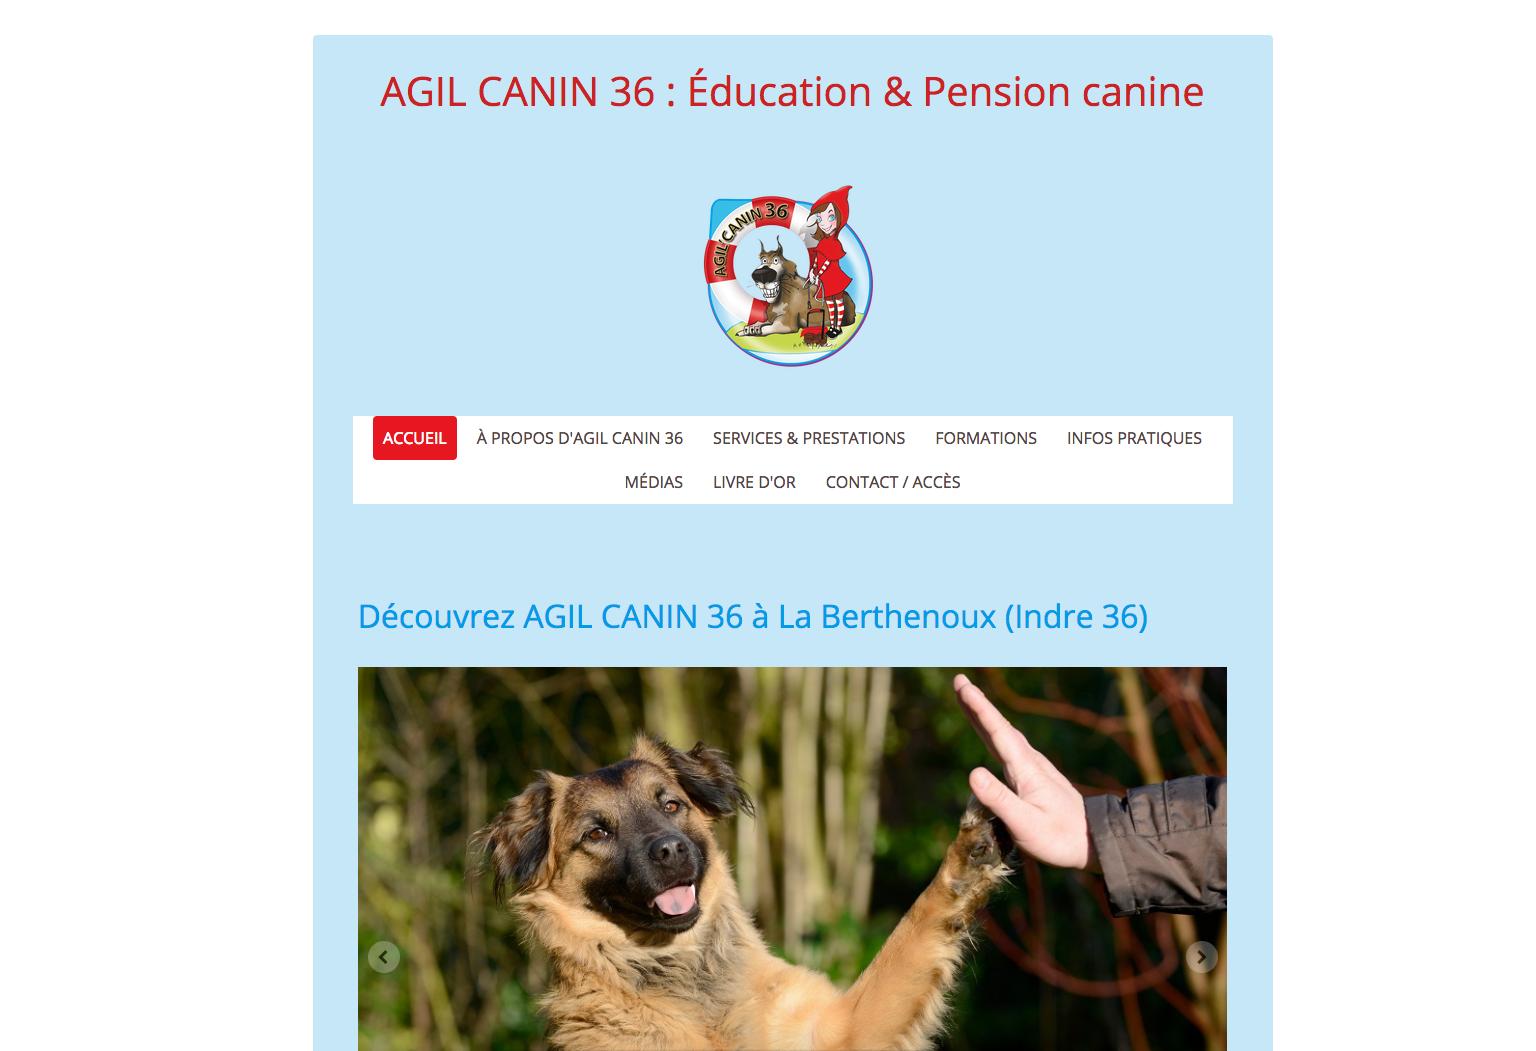 https://www.agilcanin36.fr/